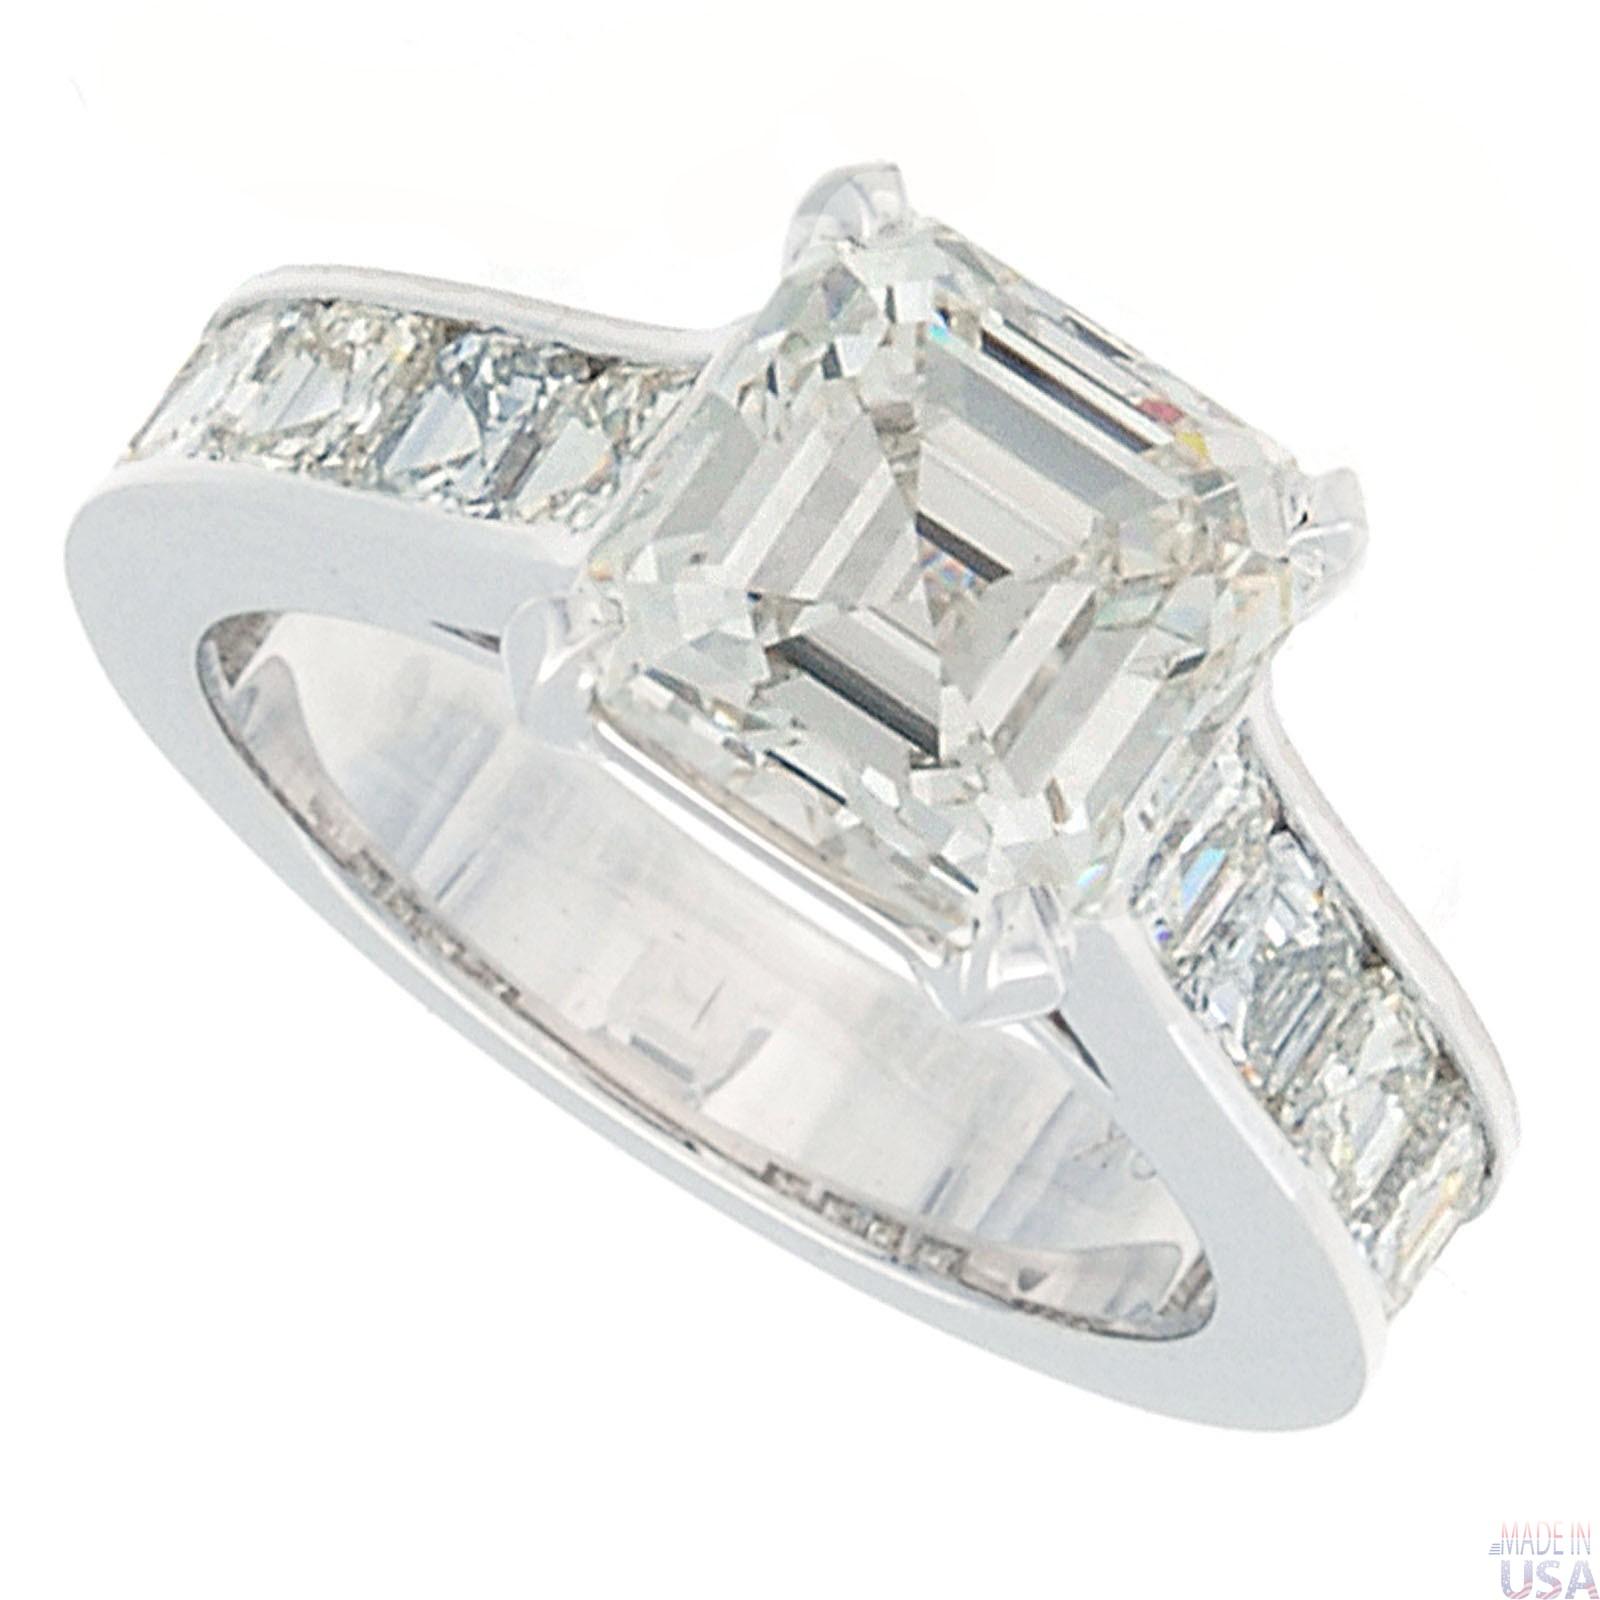 Stunning 4.09 carat Asscher Cut Diamond Platinum Ring For